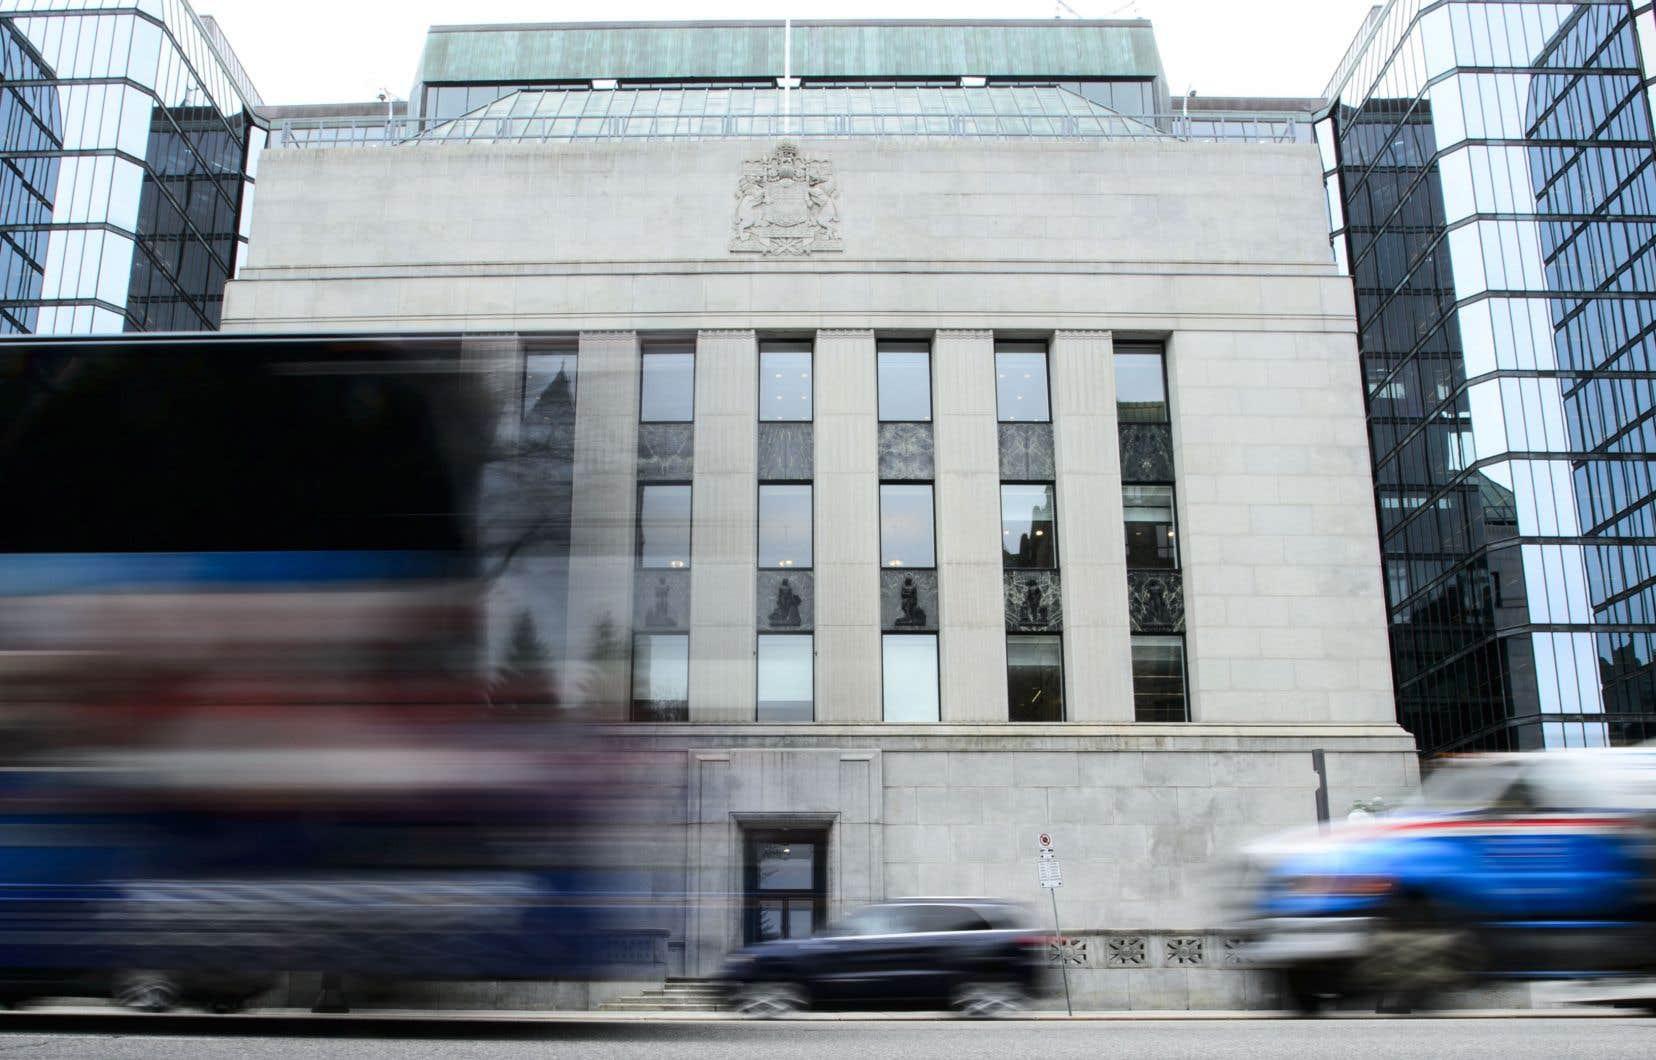 L'agence de notation financière DBRS salue d'entrée de jeu l'action dynamique de la Banque du Canada afin de soutenir l'économie et de stabiliser les marchés.